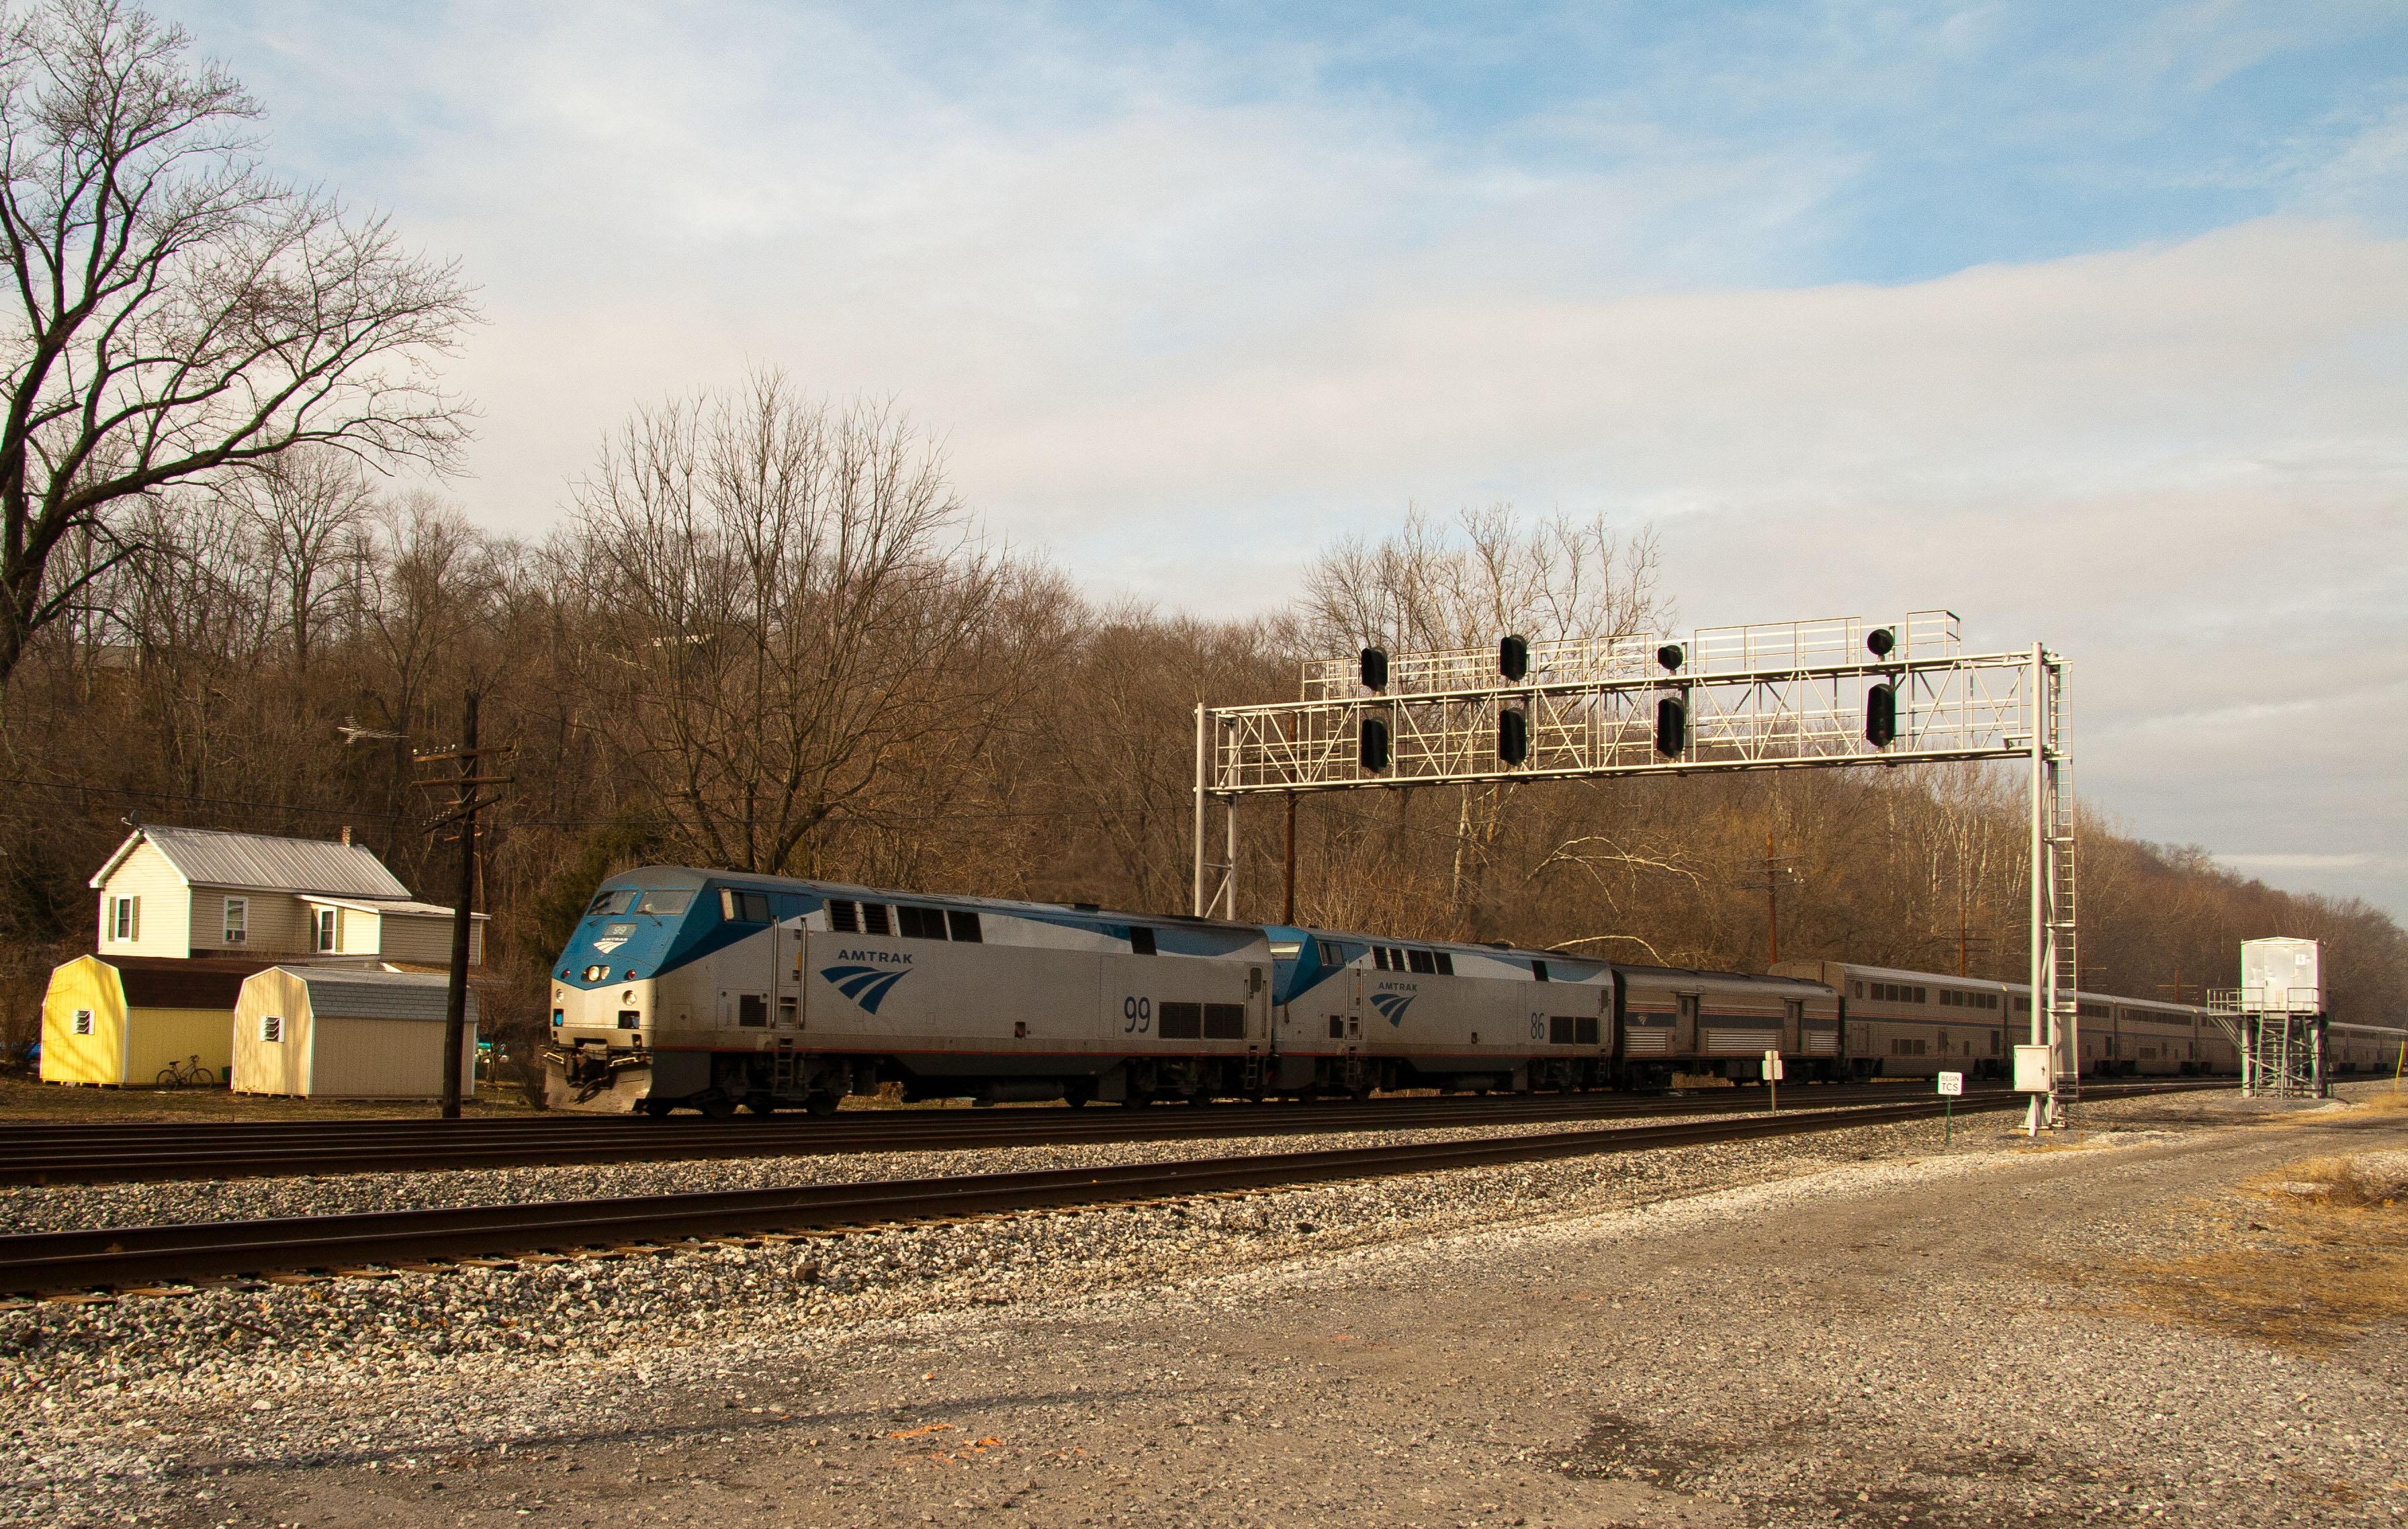 File:Amtrak 30 - Cherry Run (5310837759) jpg - Wikimedia Commons